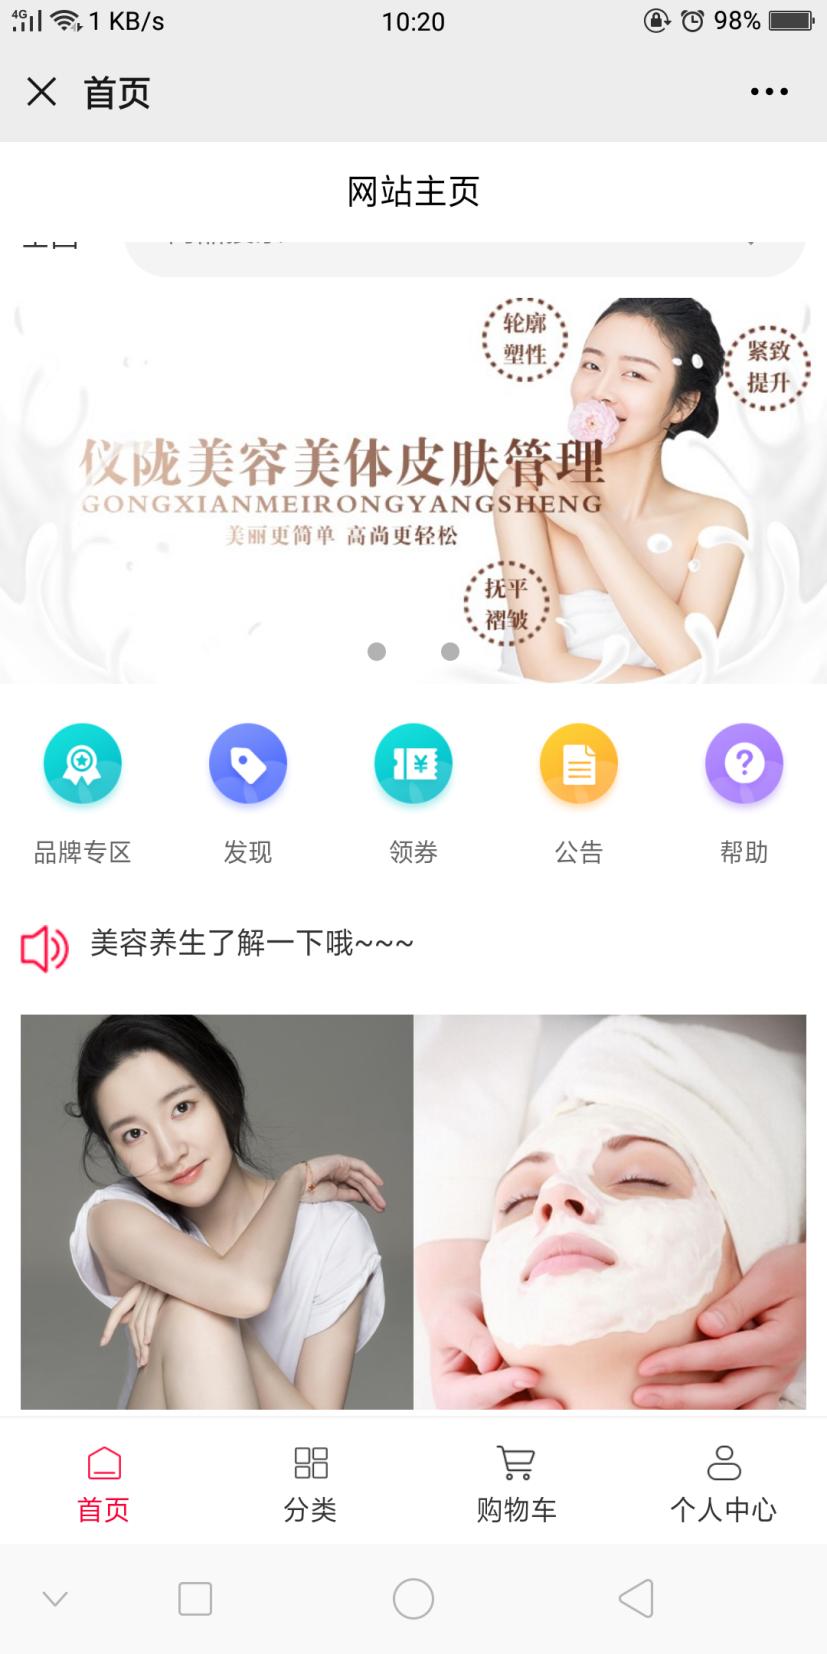 仪陇 美容美体皮肤管理整合行业招商运营资源的专业平台